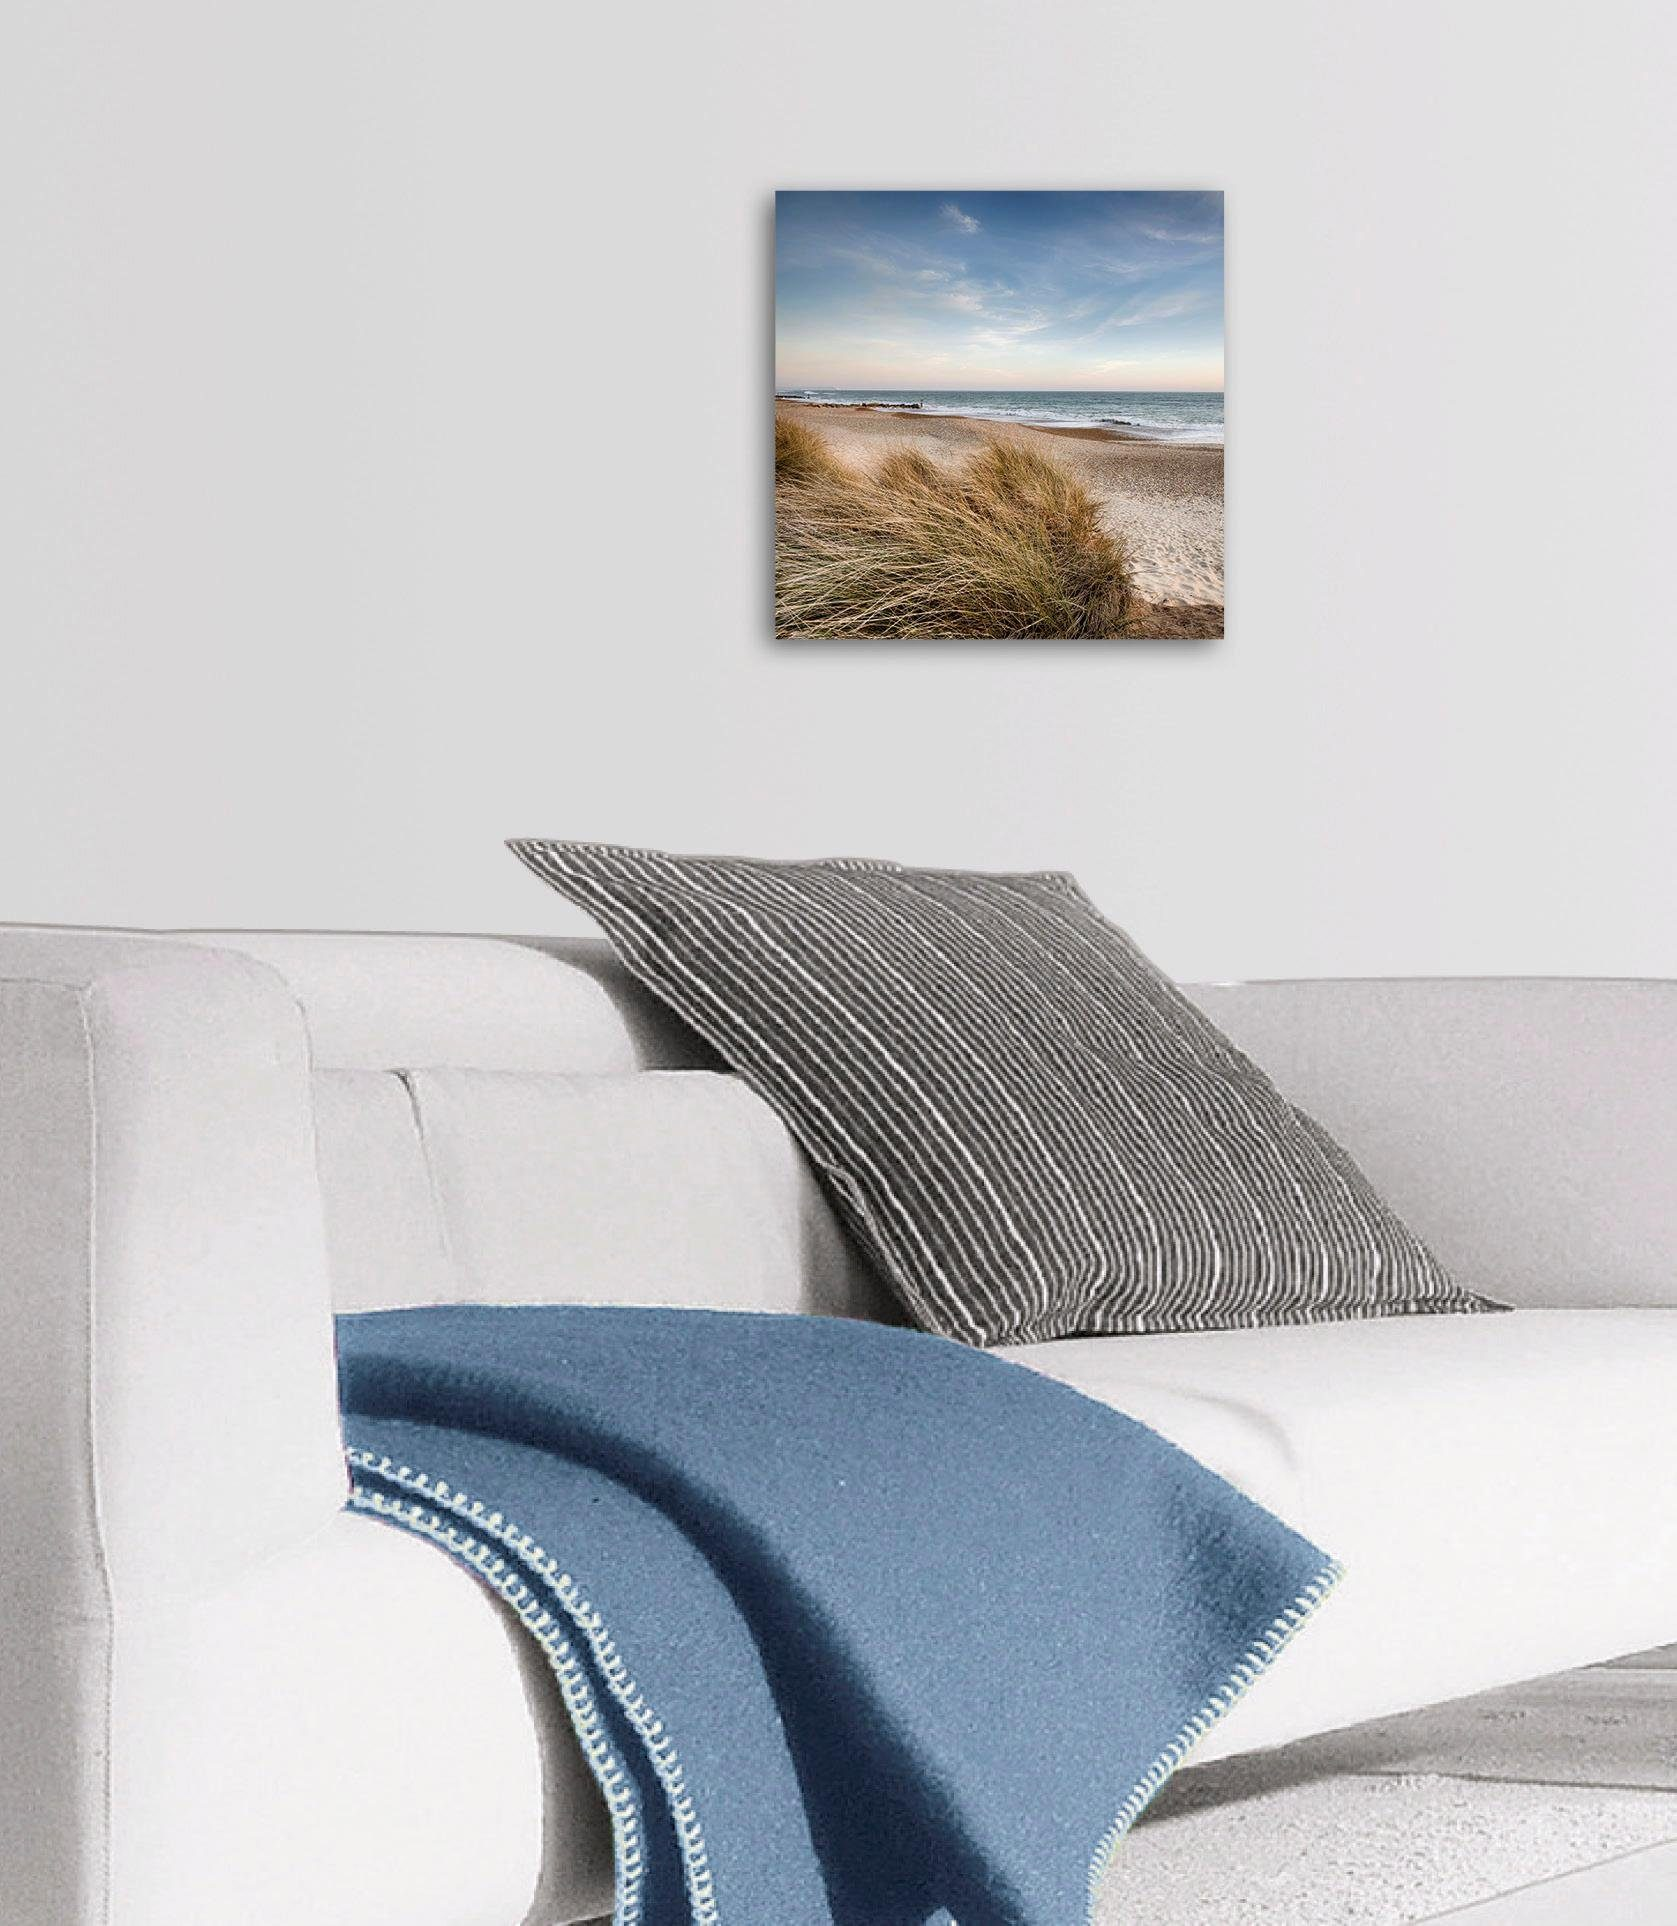 Eurographics Deco Panel »Dunes at Hengistbury Head«, 30/30 cm